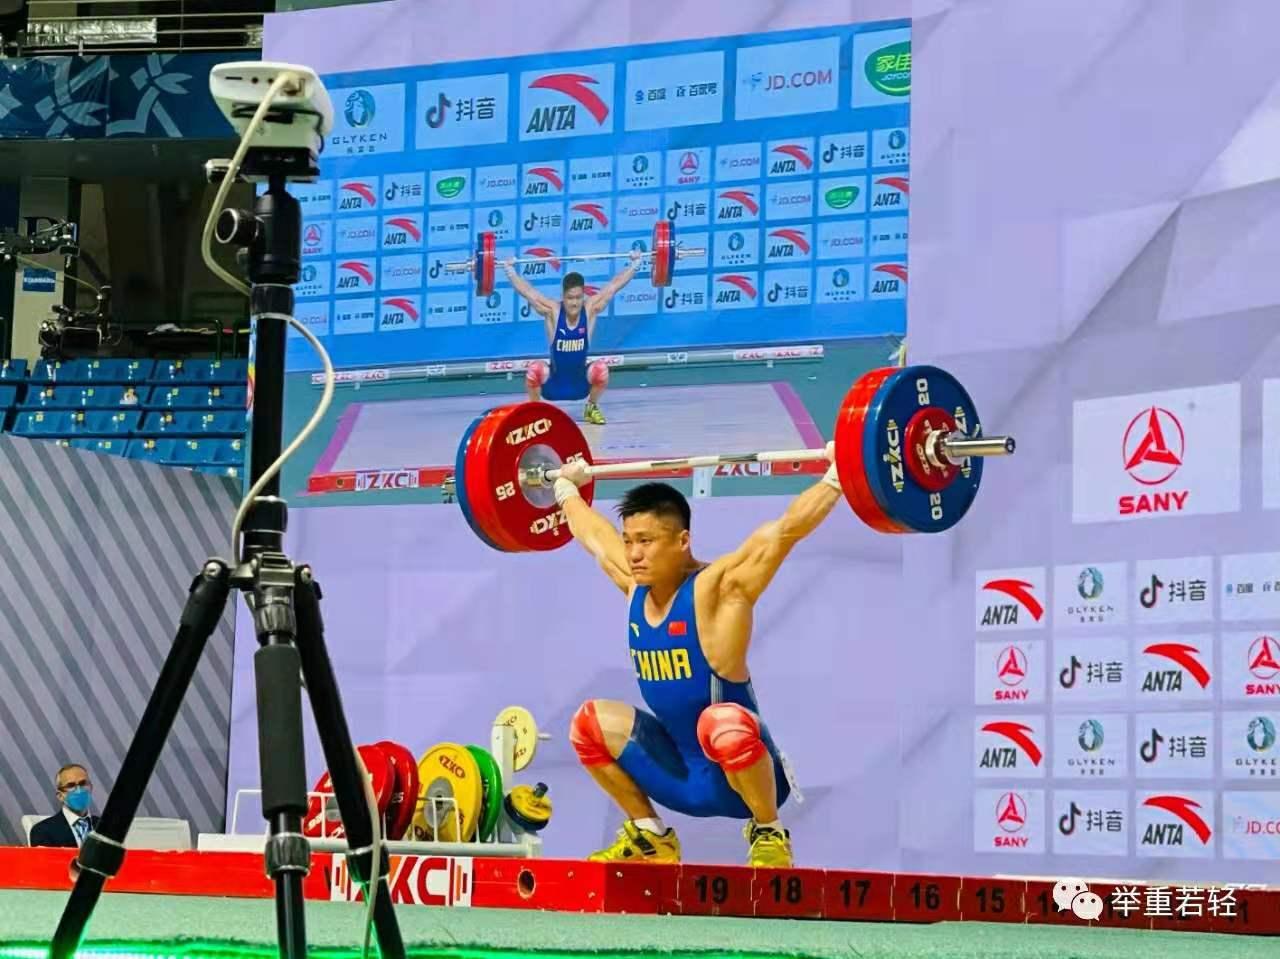 吕小军领衔 中国举重队公布东京奥运会参赛名单